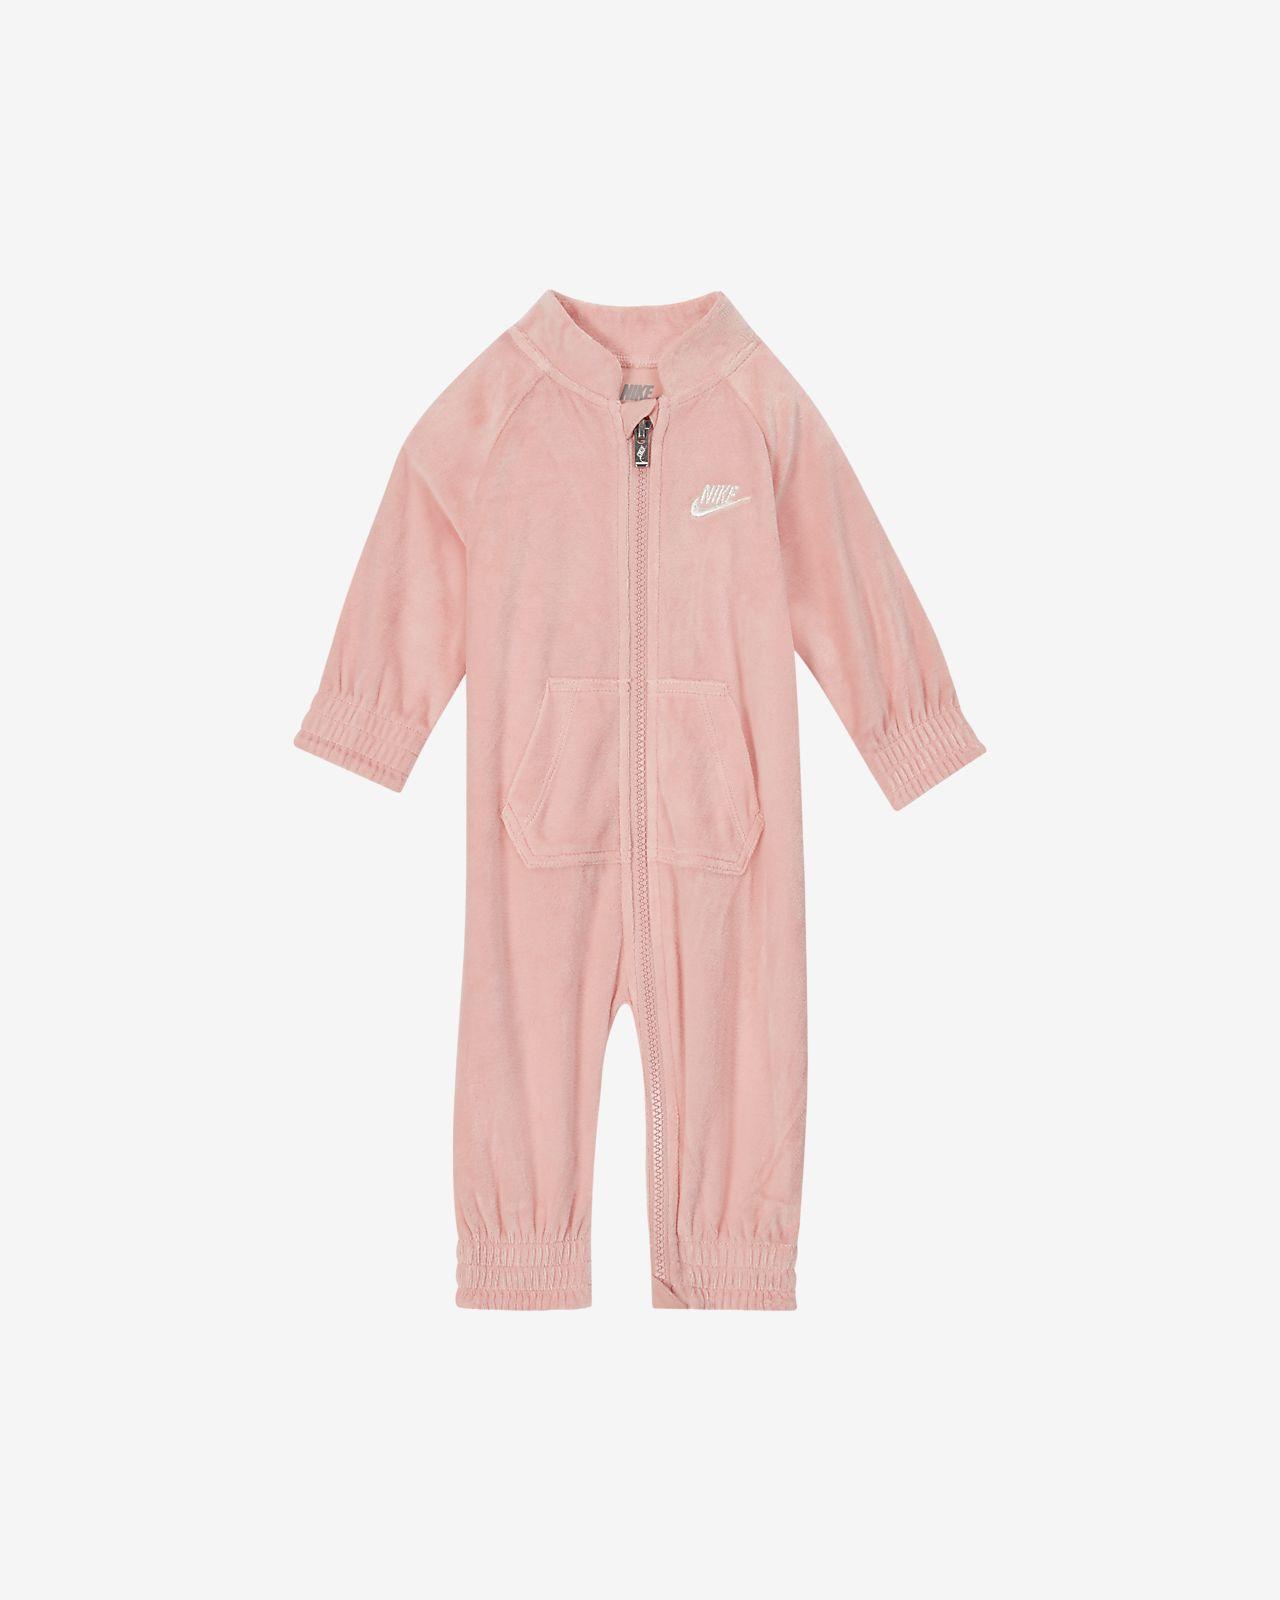 Βελουτέ ολόσωμη φόρμα με φερμουάρ σε όλο το μήκος Nike για βρέφη (0-9M)